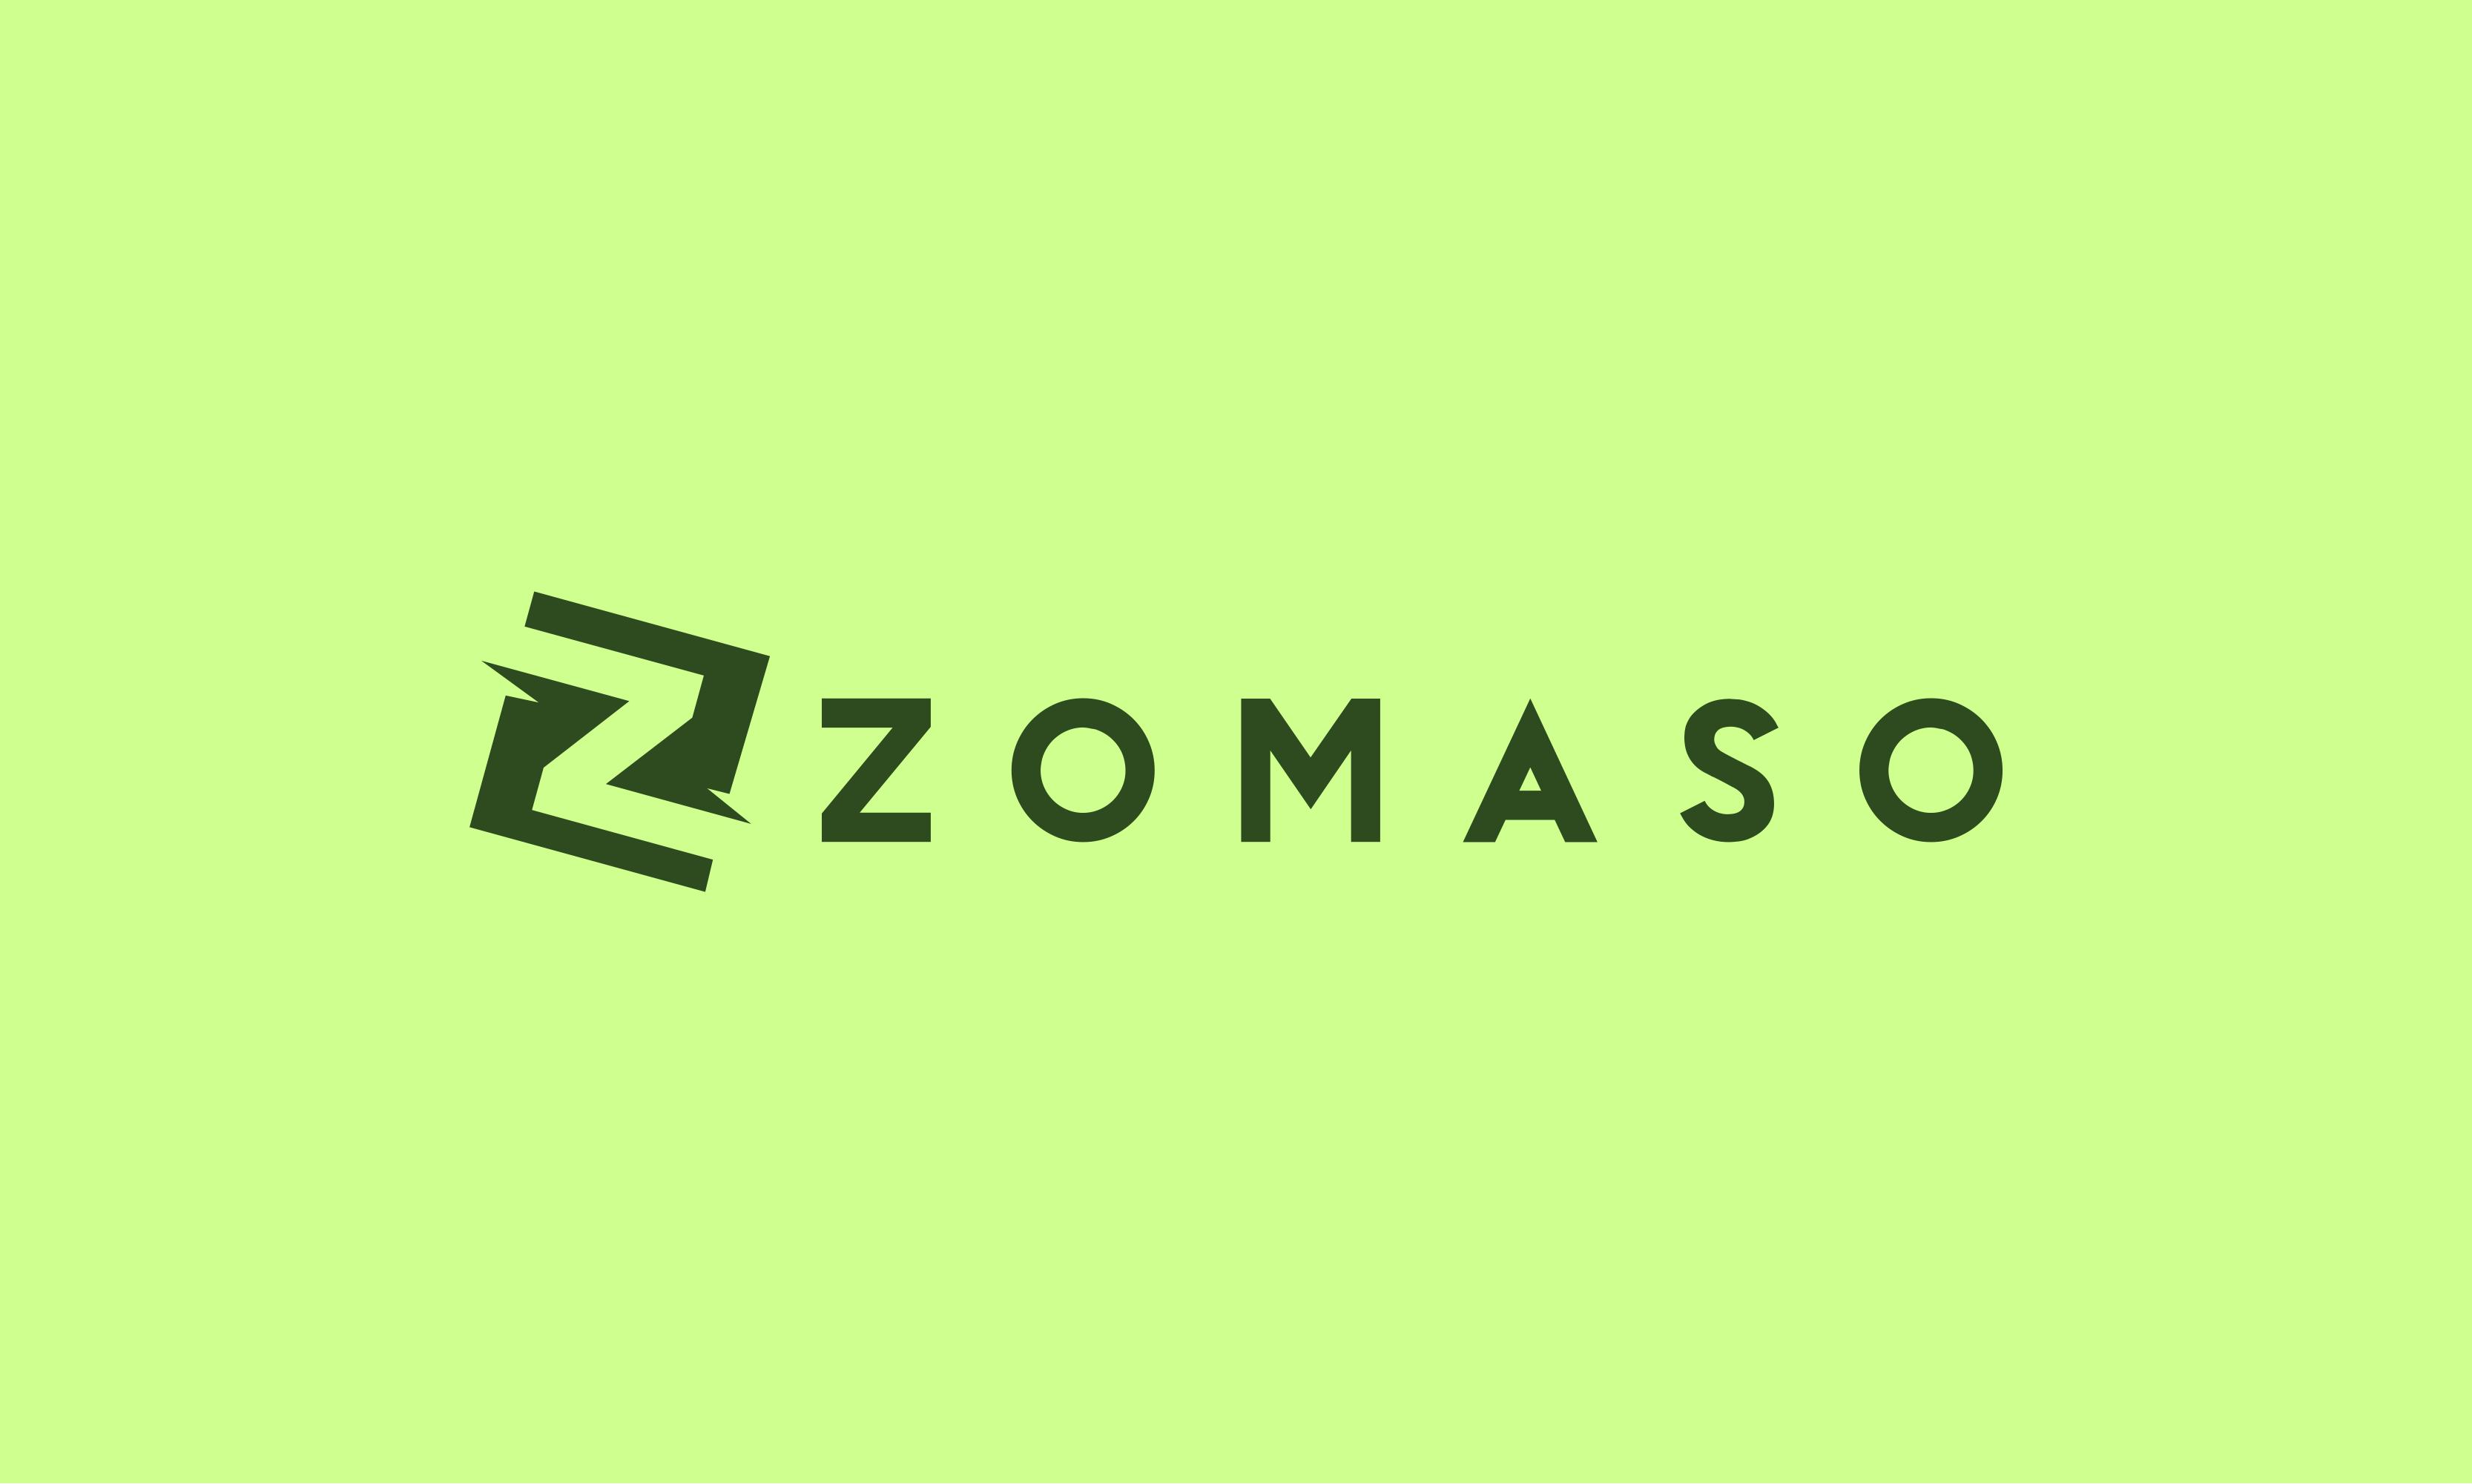 Zomaso